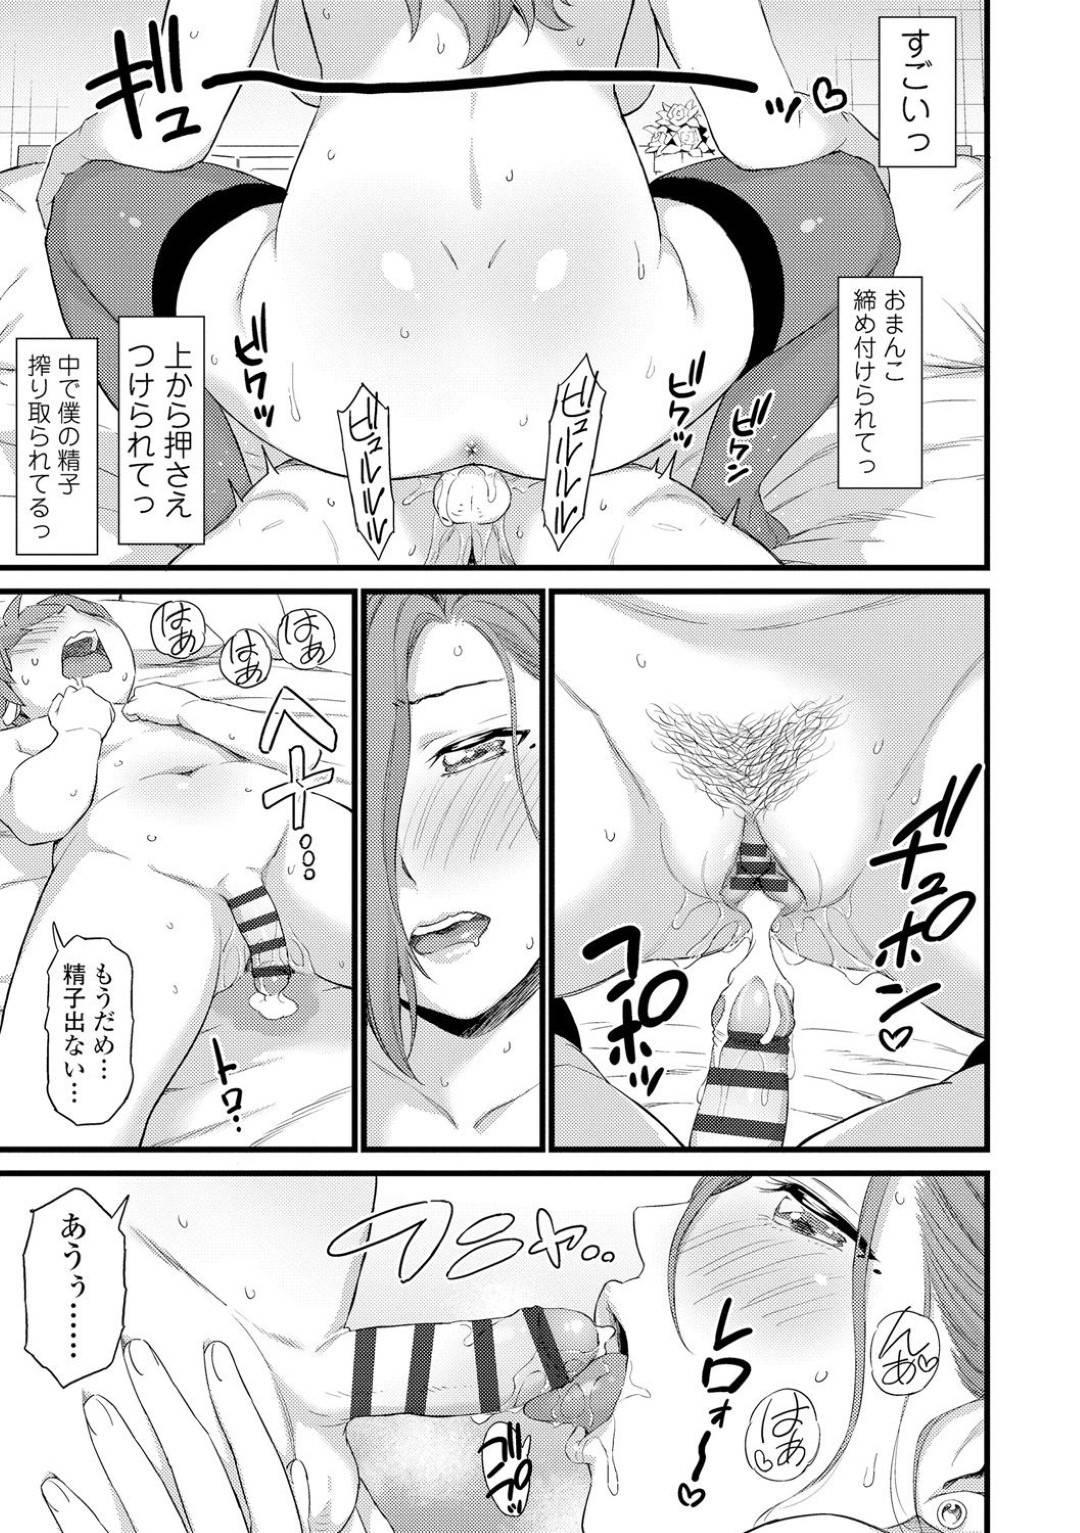 【エロ漫画】宿題を持ってやって来たセフレの甥っ子ショタを迎える叔母…宿題を早く終わらせた甥っ子にご褒美セックス!【東野みかん】